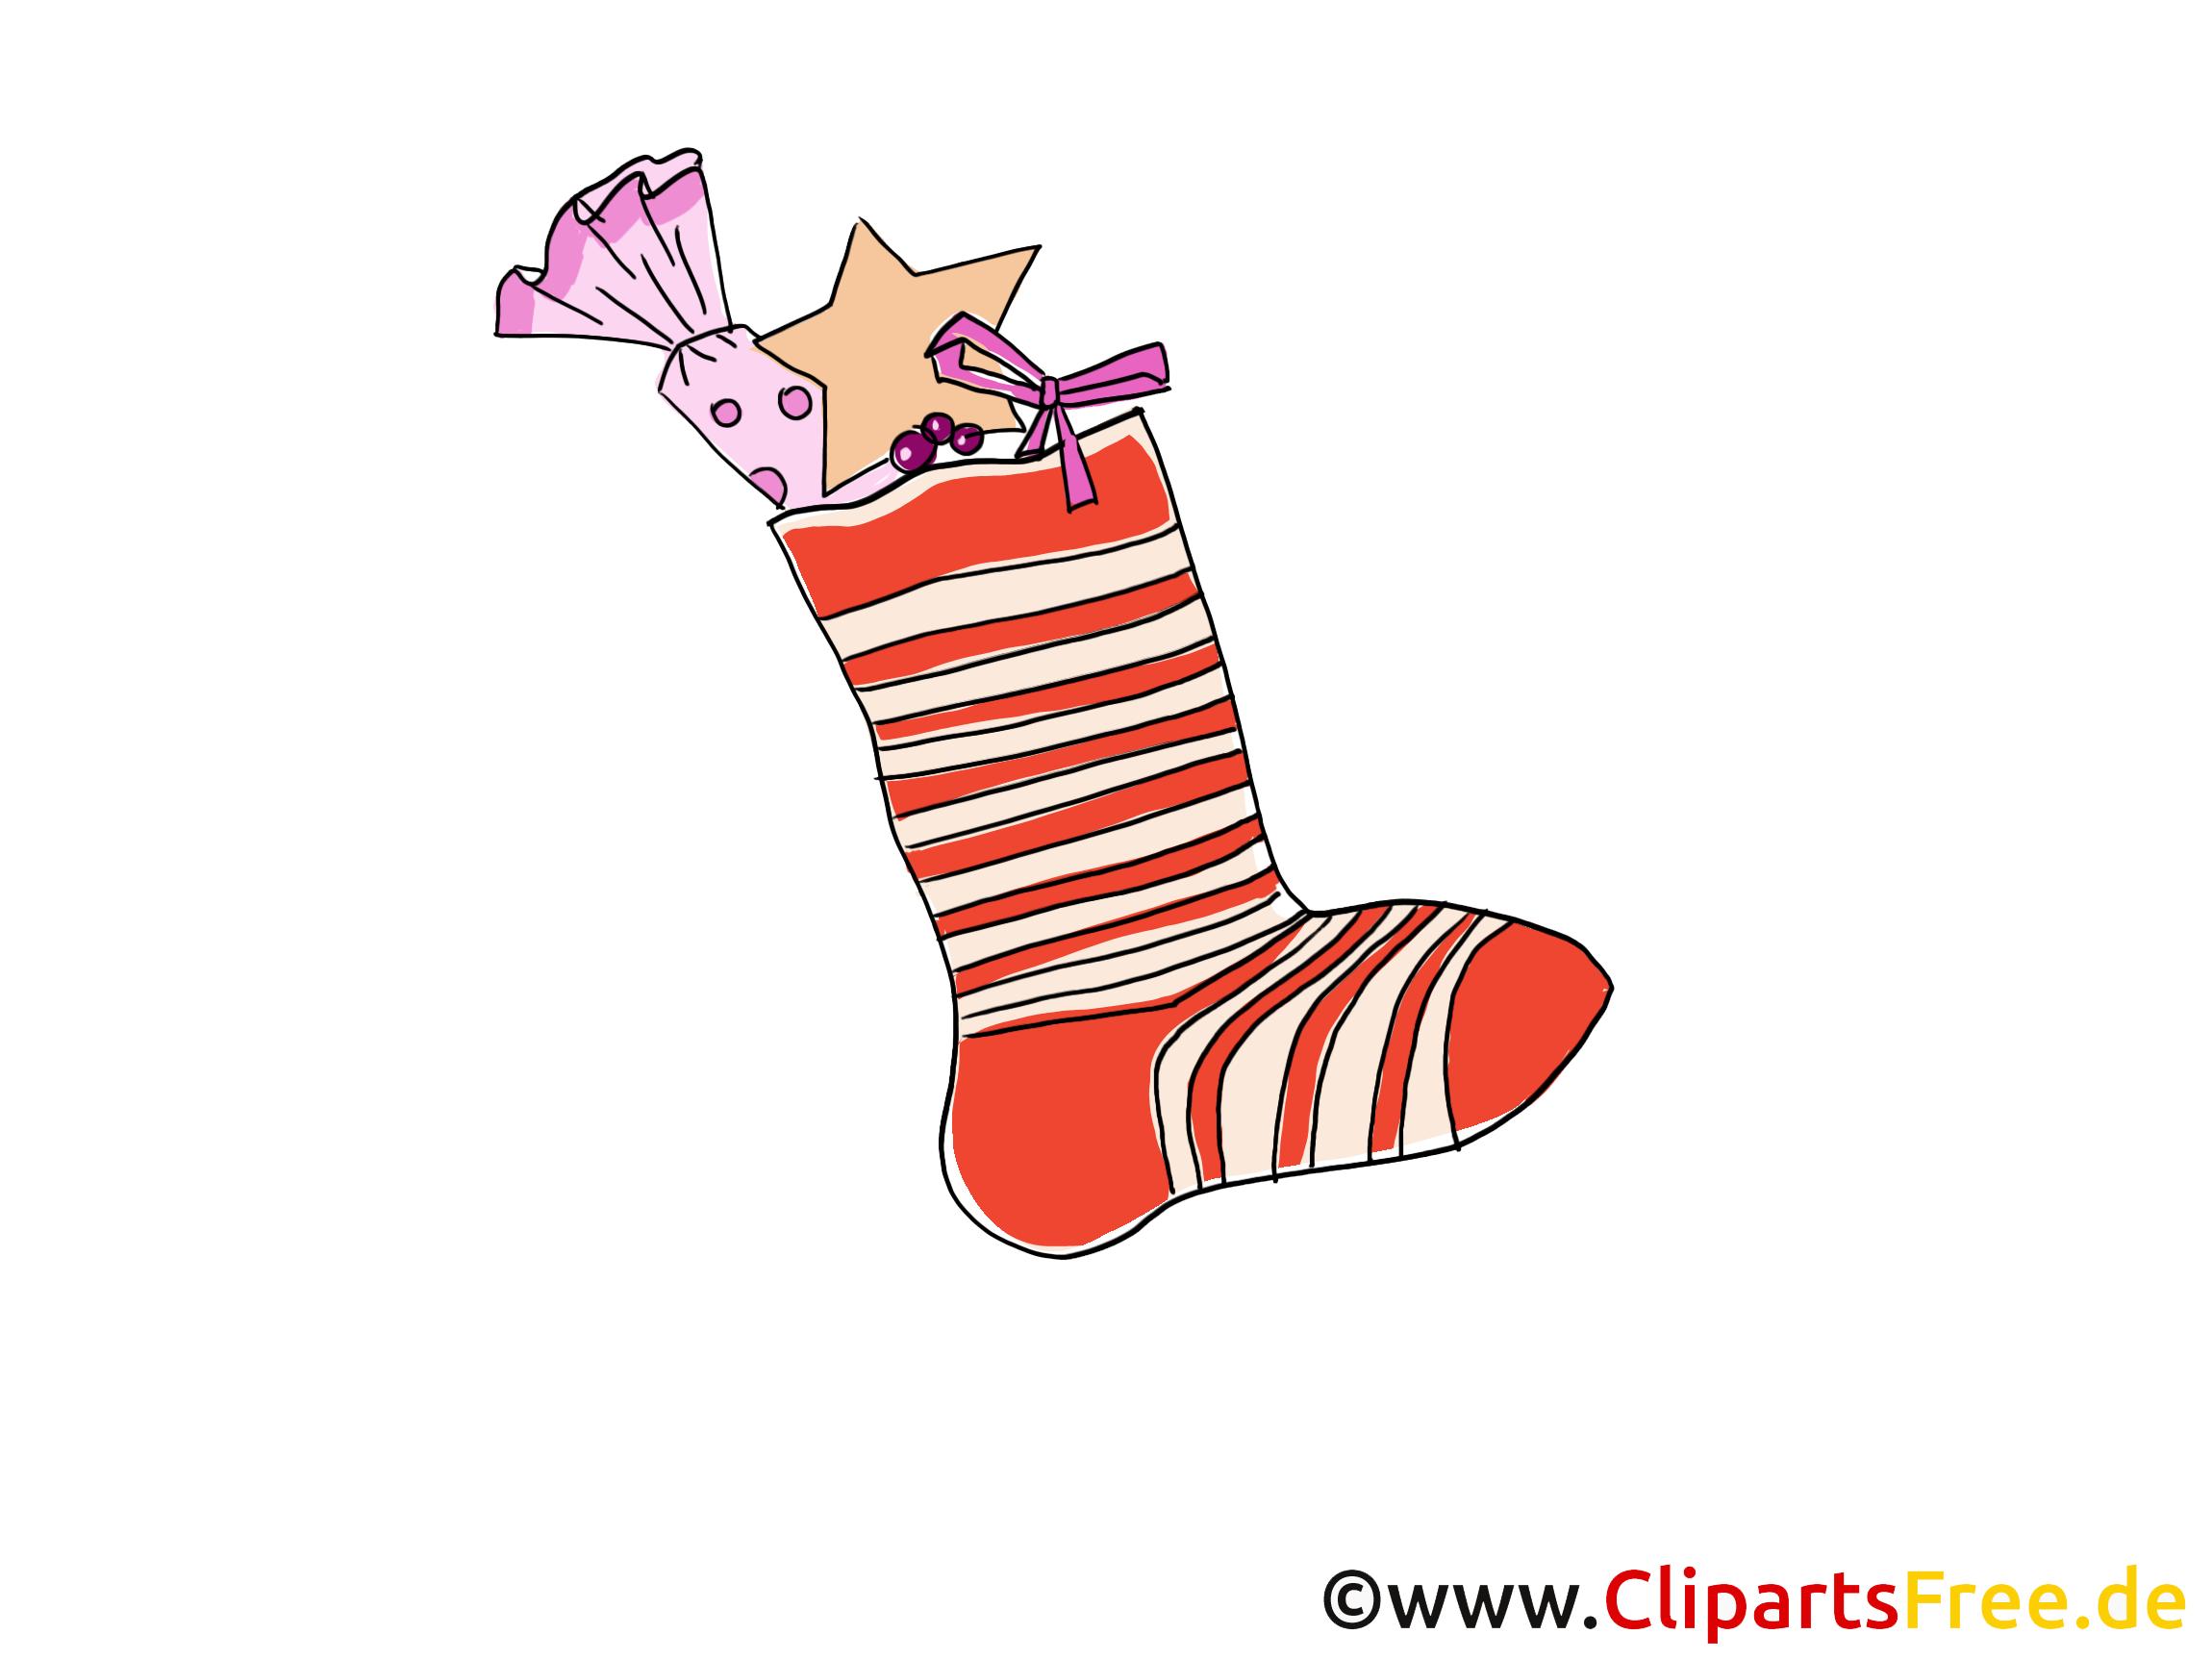 Weihnachts-Socke mit Geschenken Bild, Clipart, Cartoon